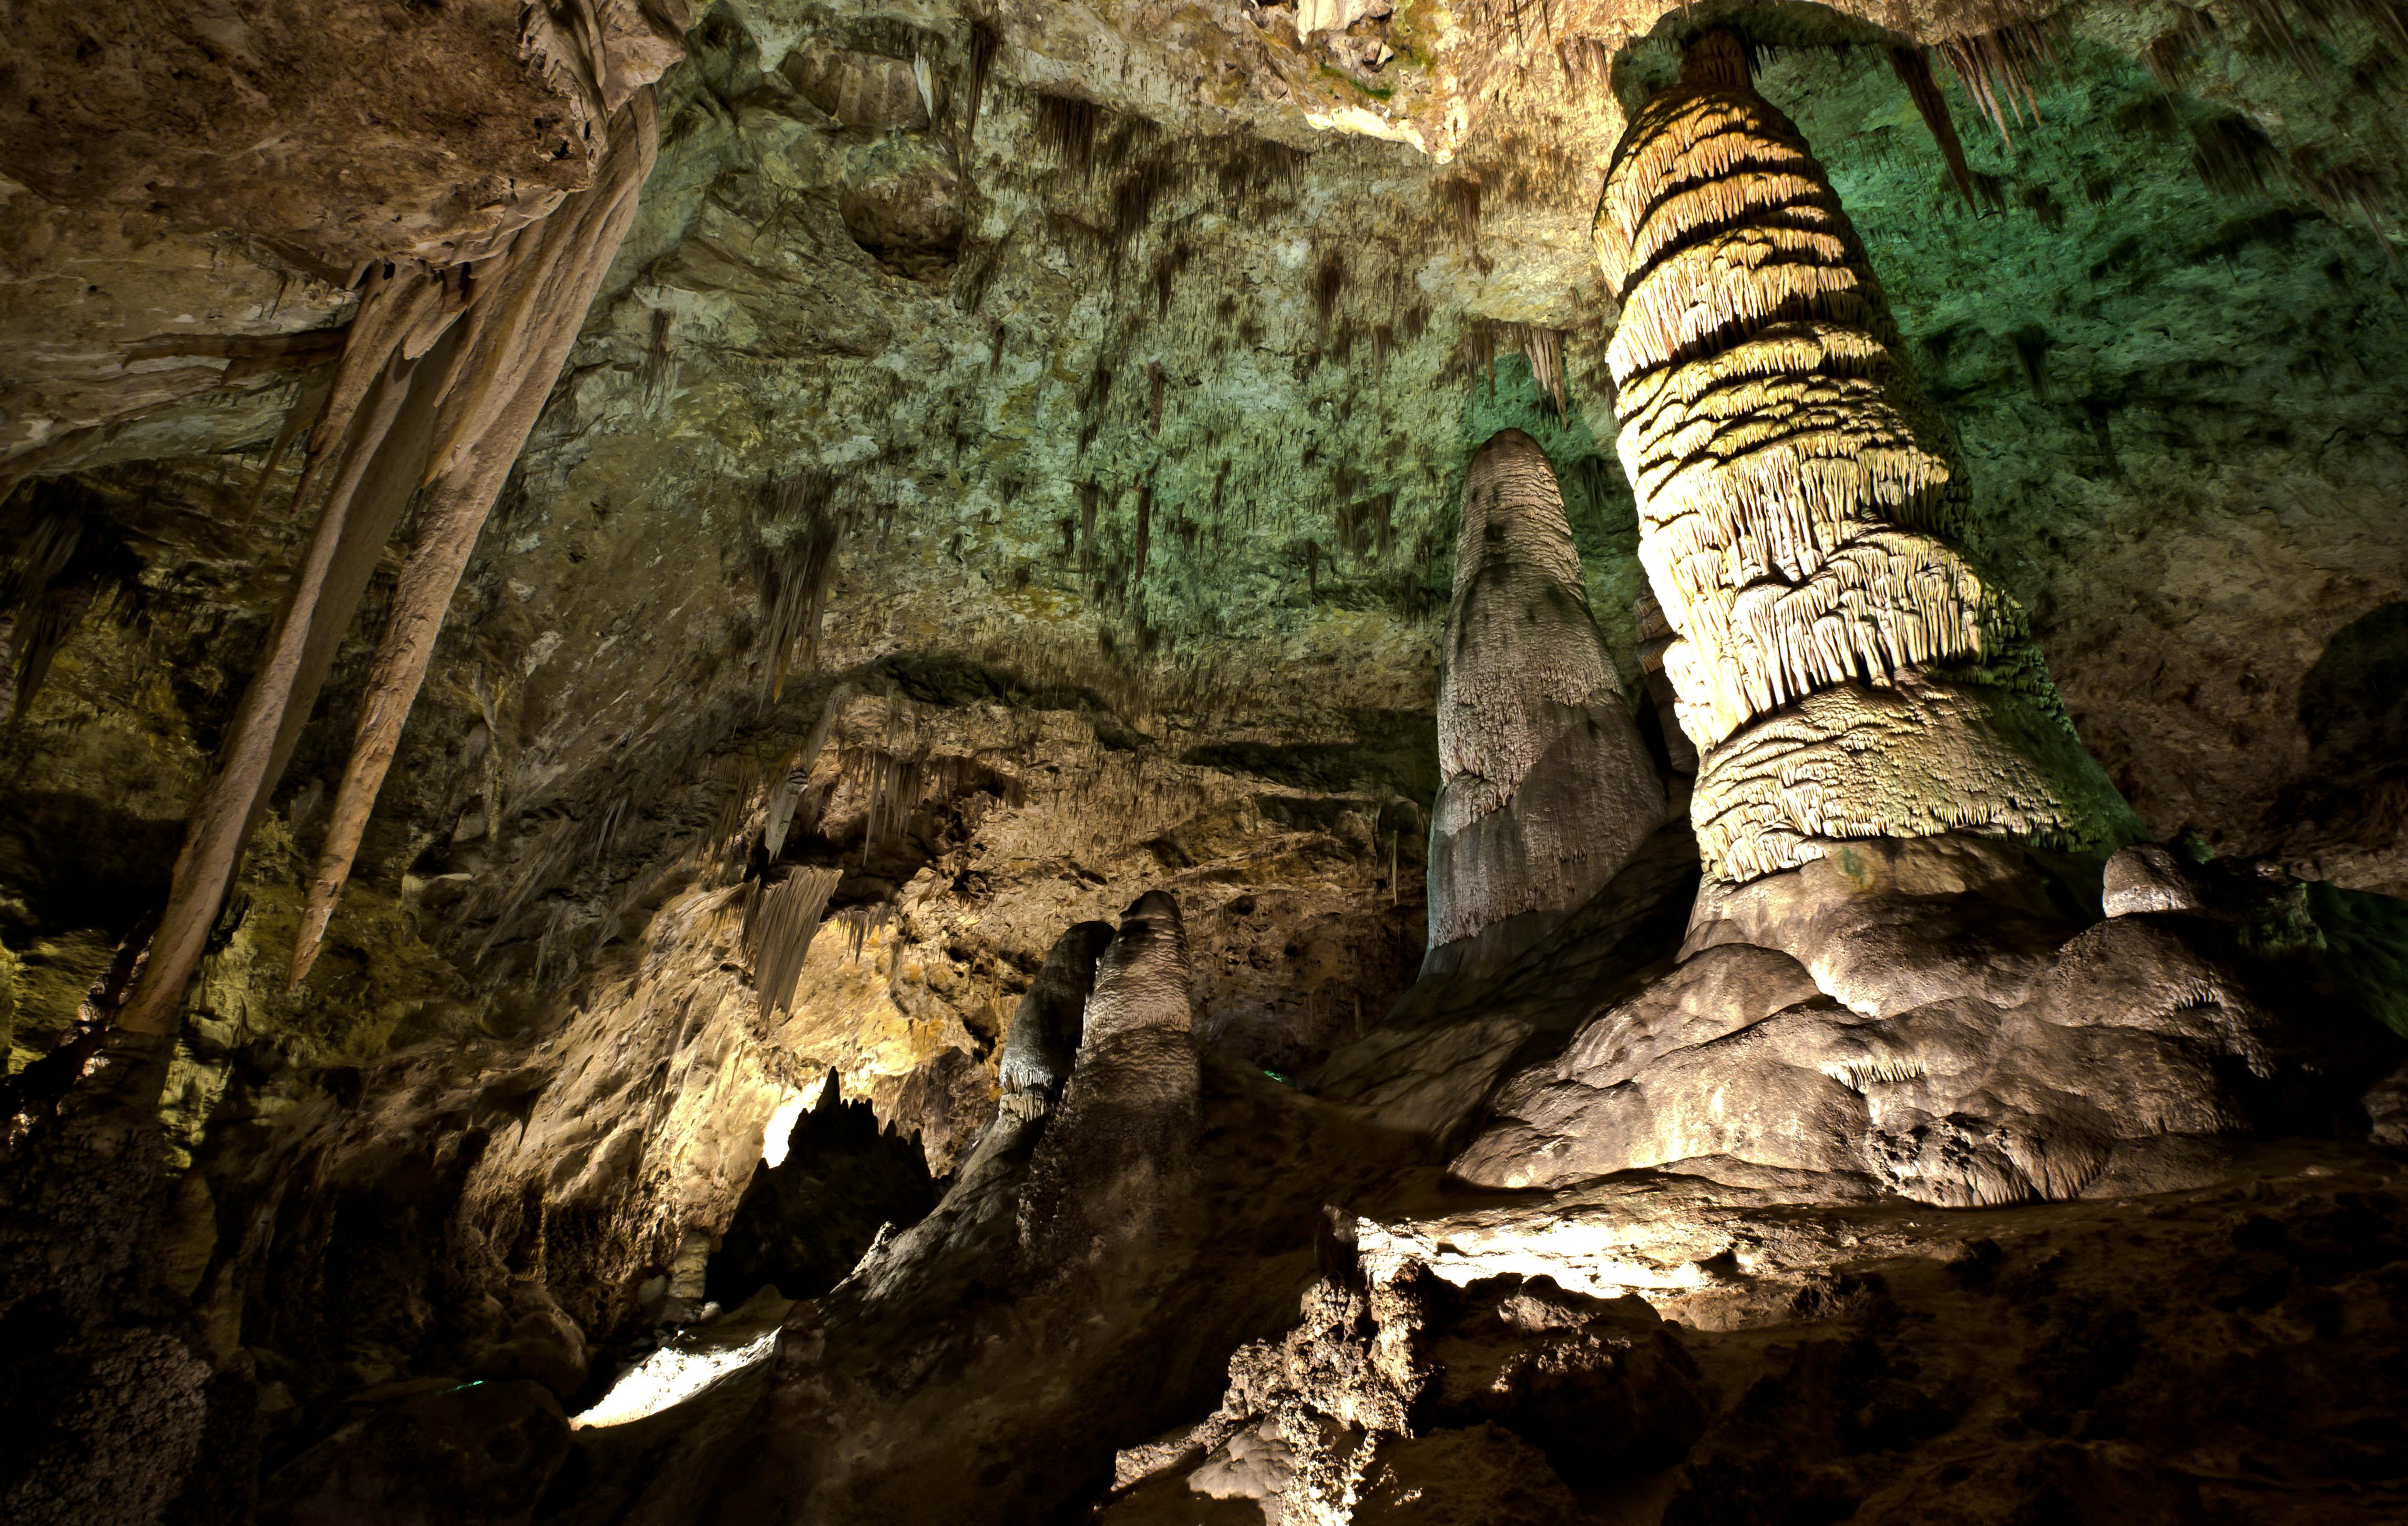 Drawn cavern subterranean Caverns underground on massive could